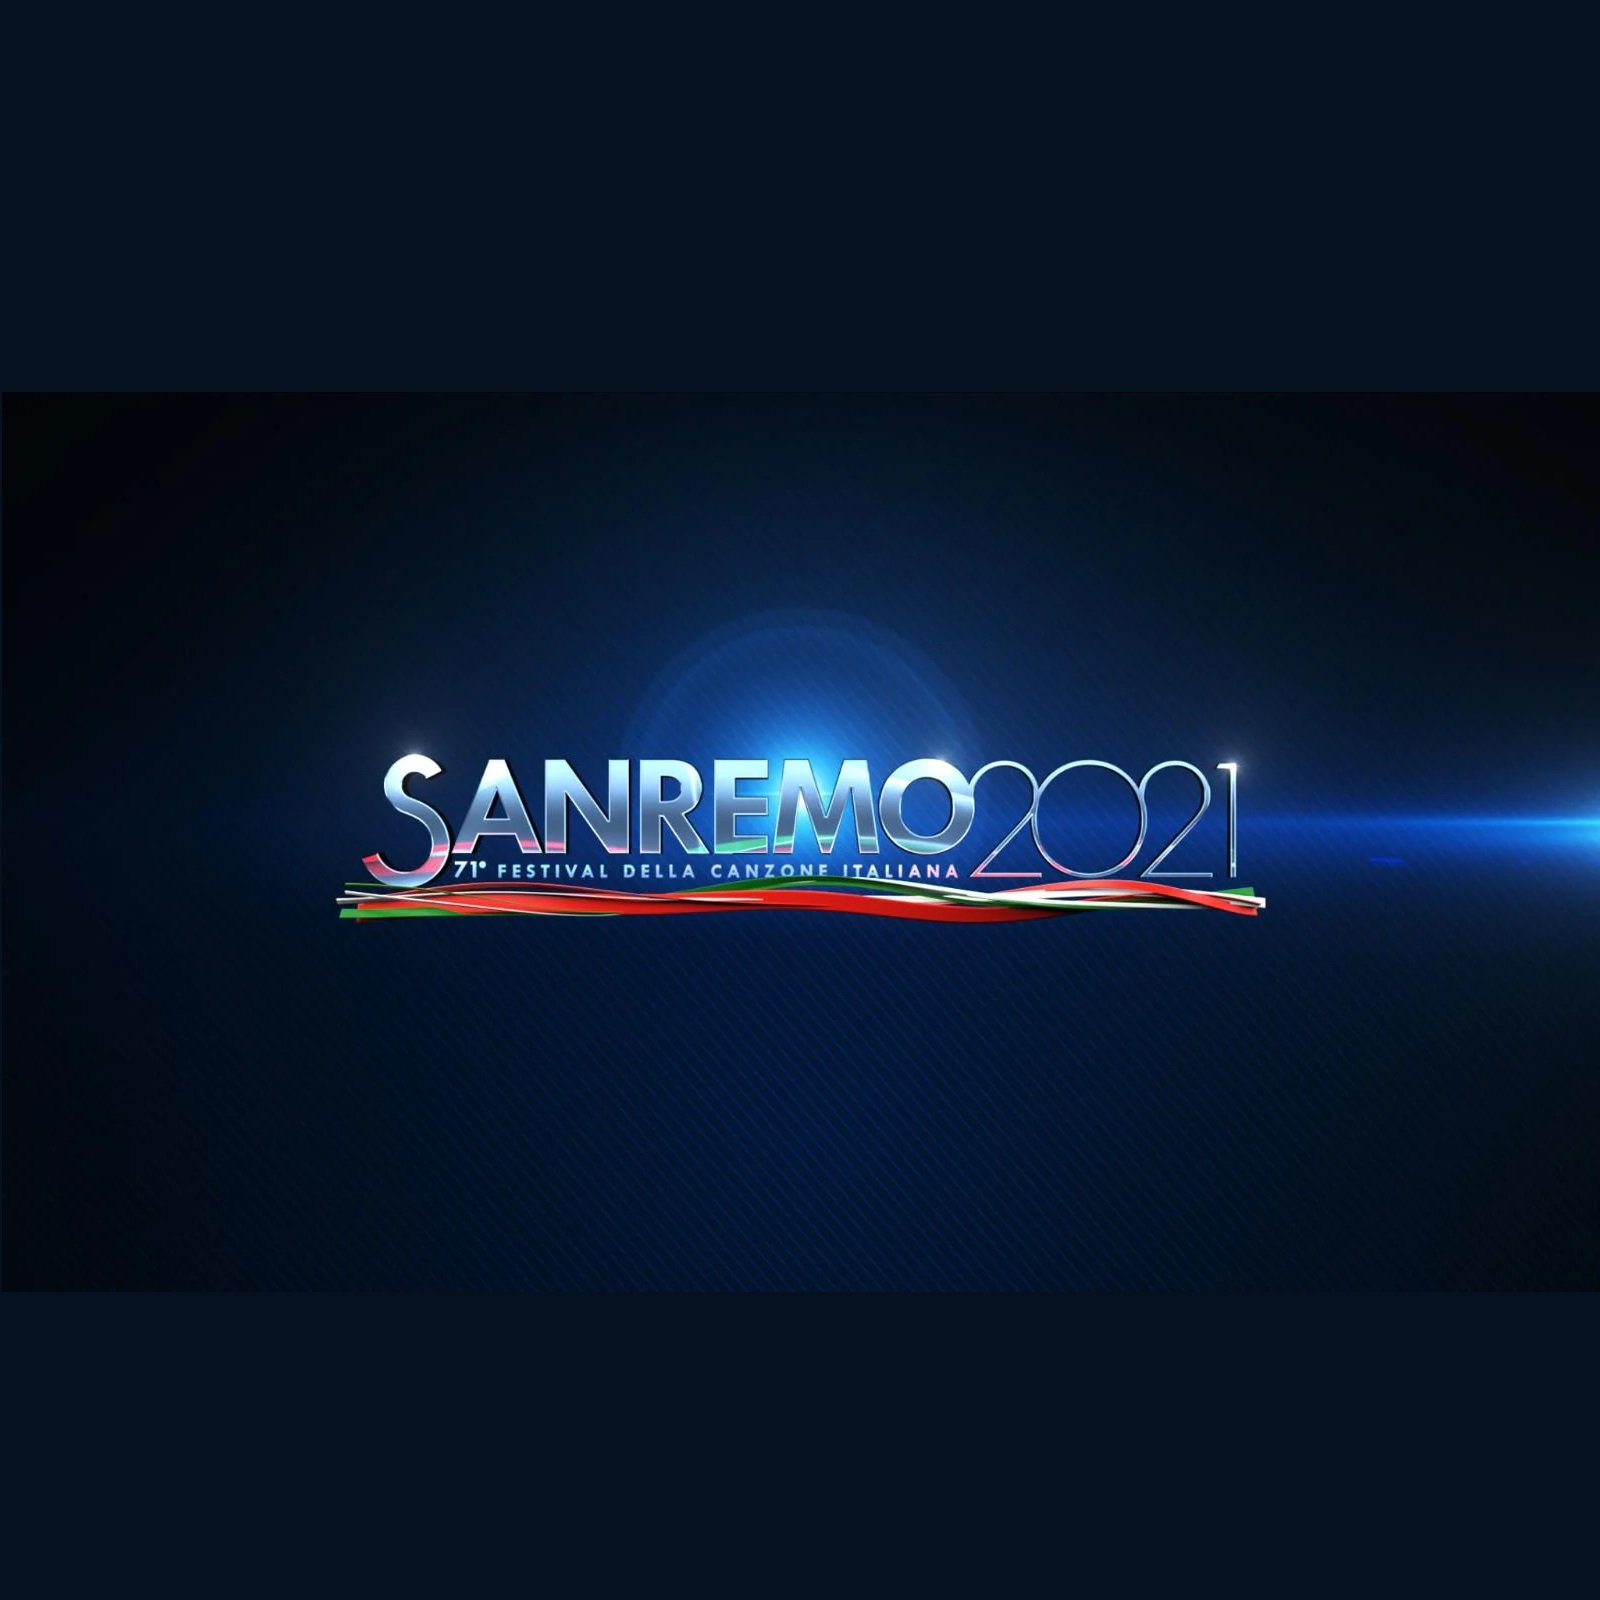 Festival di Sanremo 2021 Tracklist